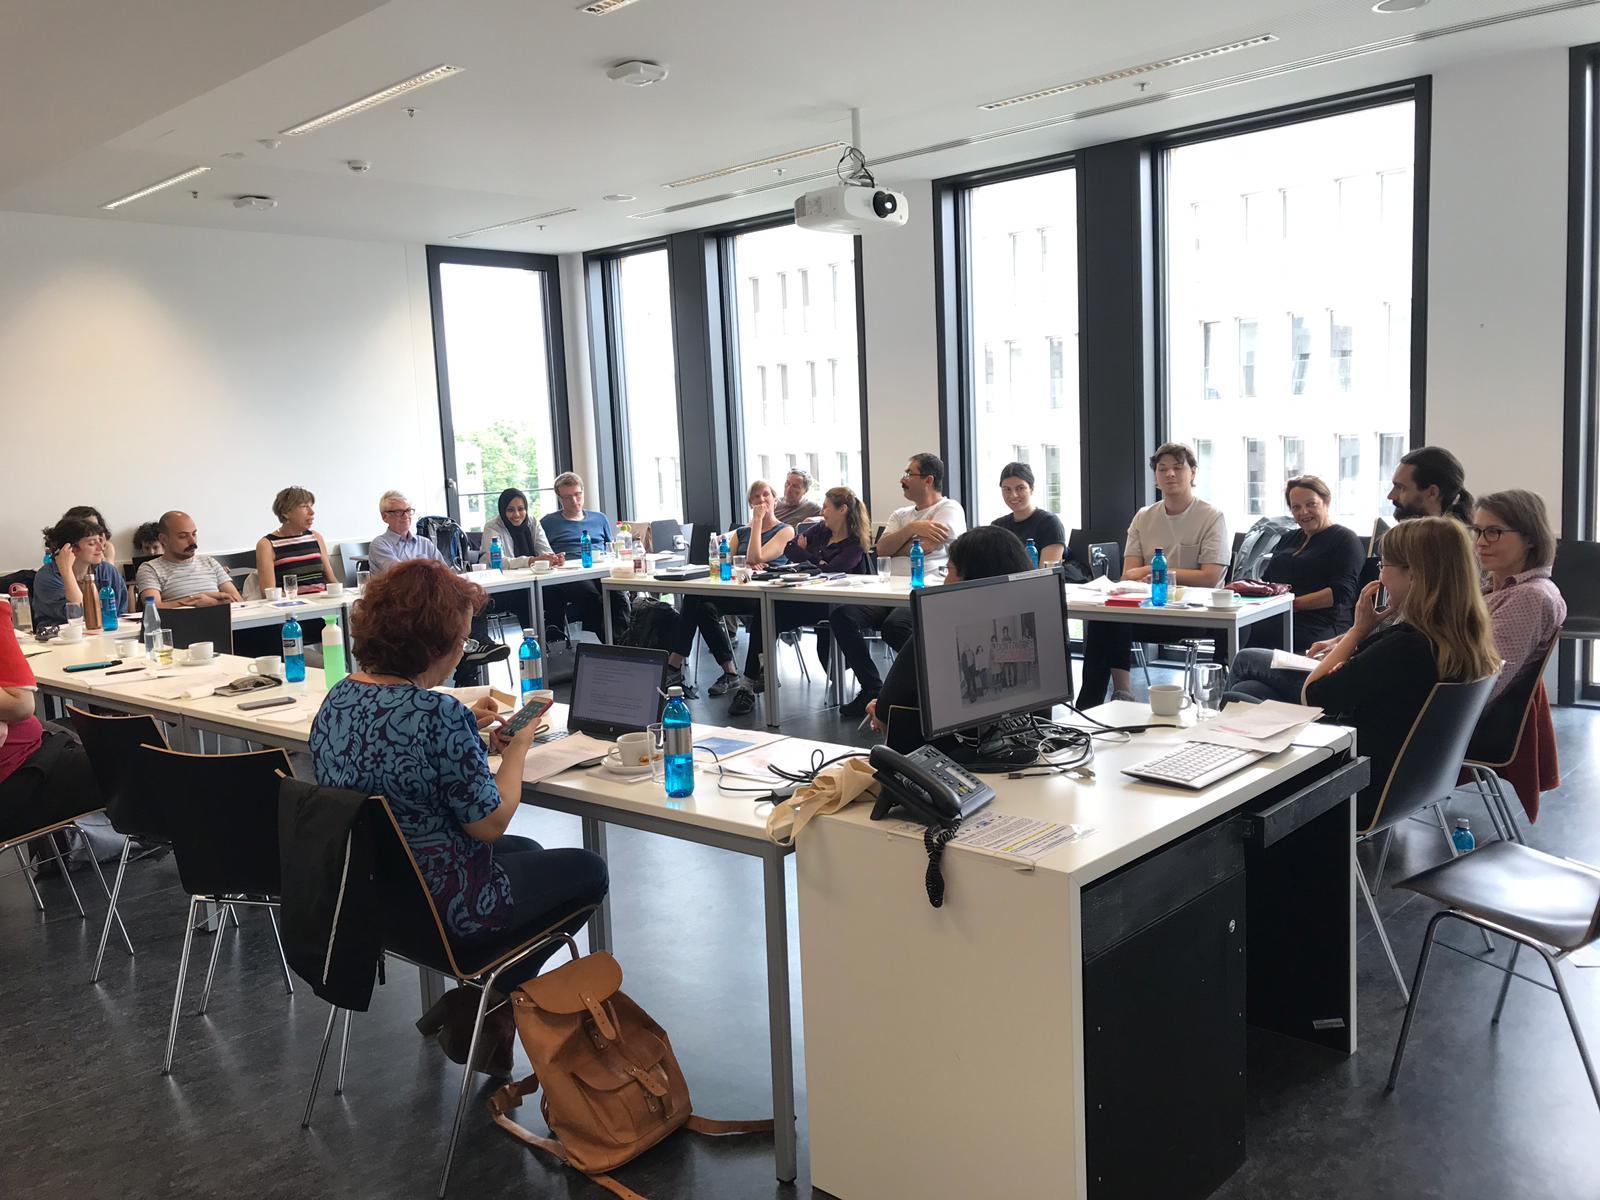 GEW-Hessen und WFF-Deutschland halten einen Workshop ab zu Prekarität und Diversität in der deutschen Wissenschaft